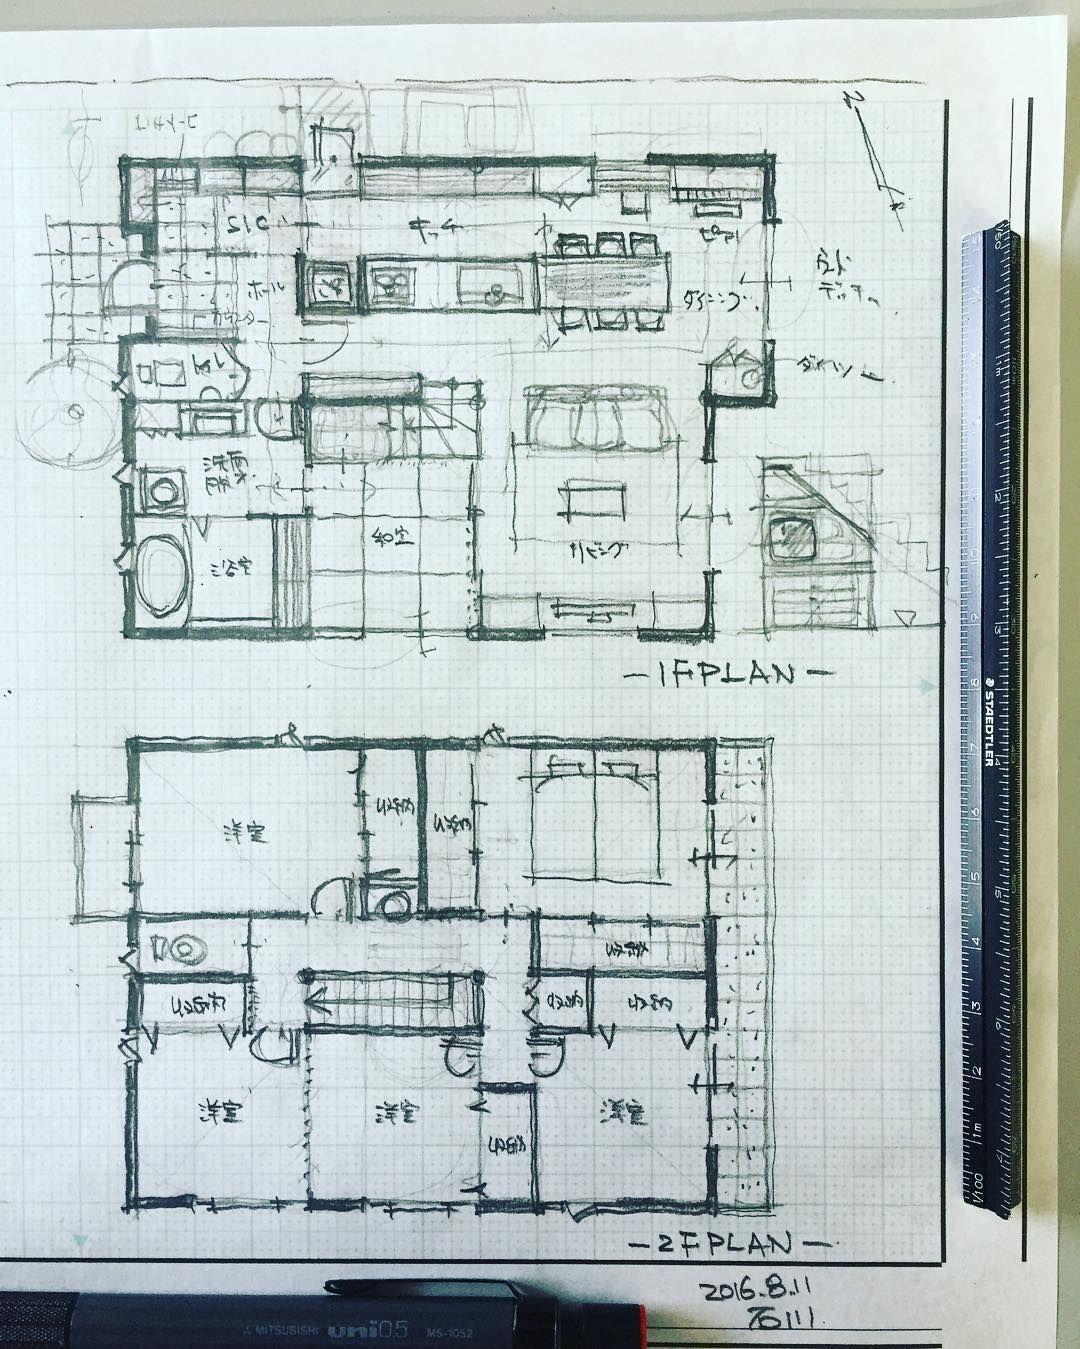 42坪の6人家族の住まい 間取り 間取り図 注文住宅 設計 設計士 建築